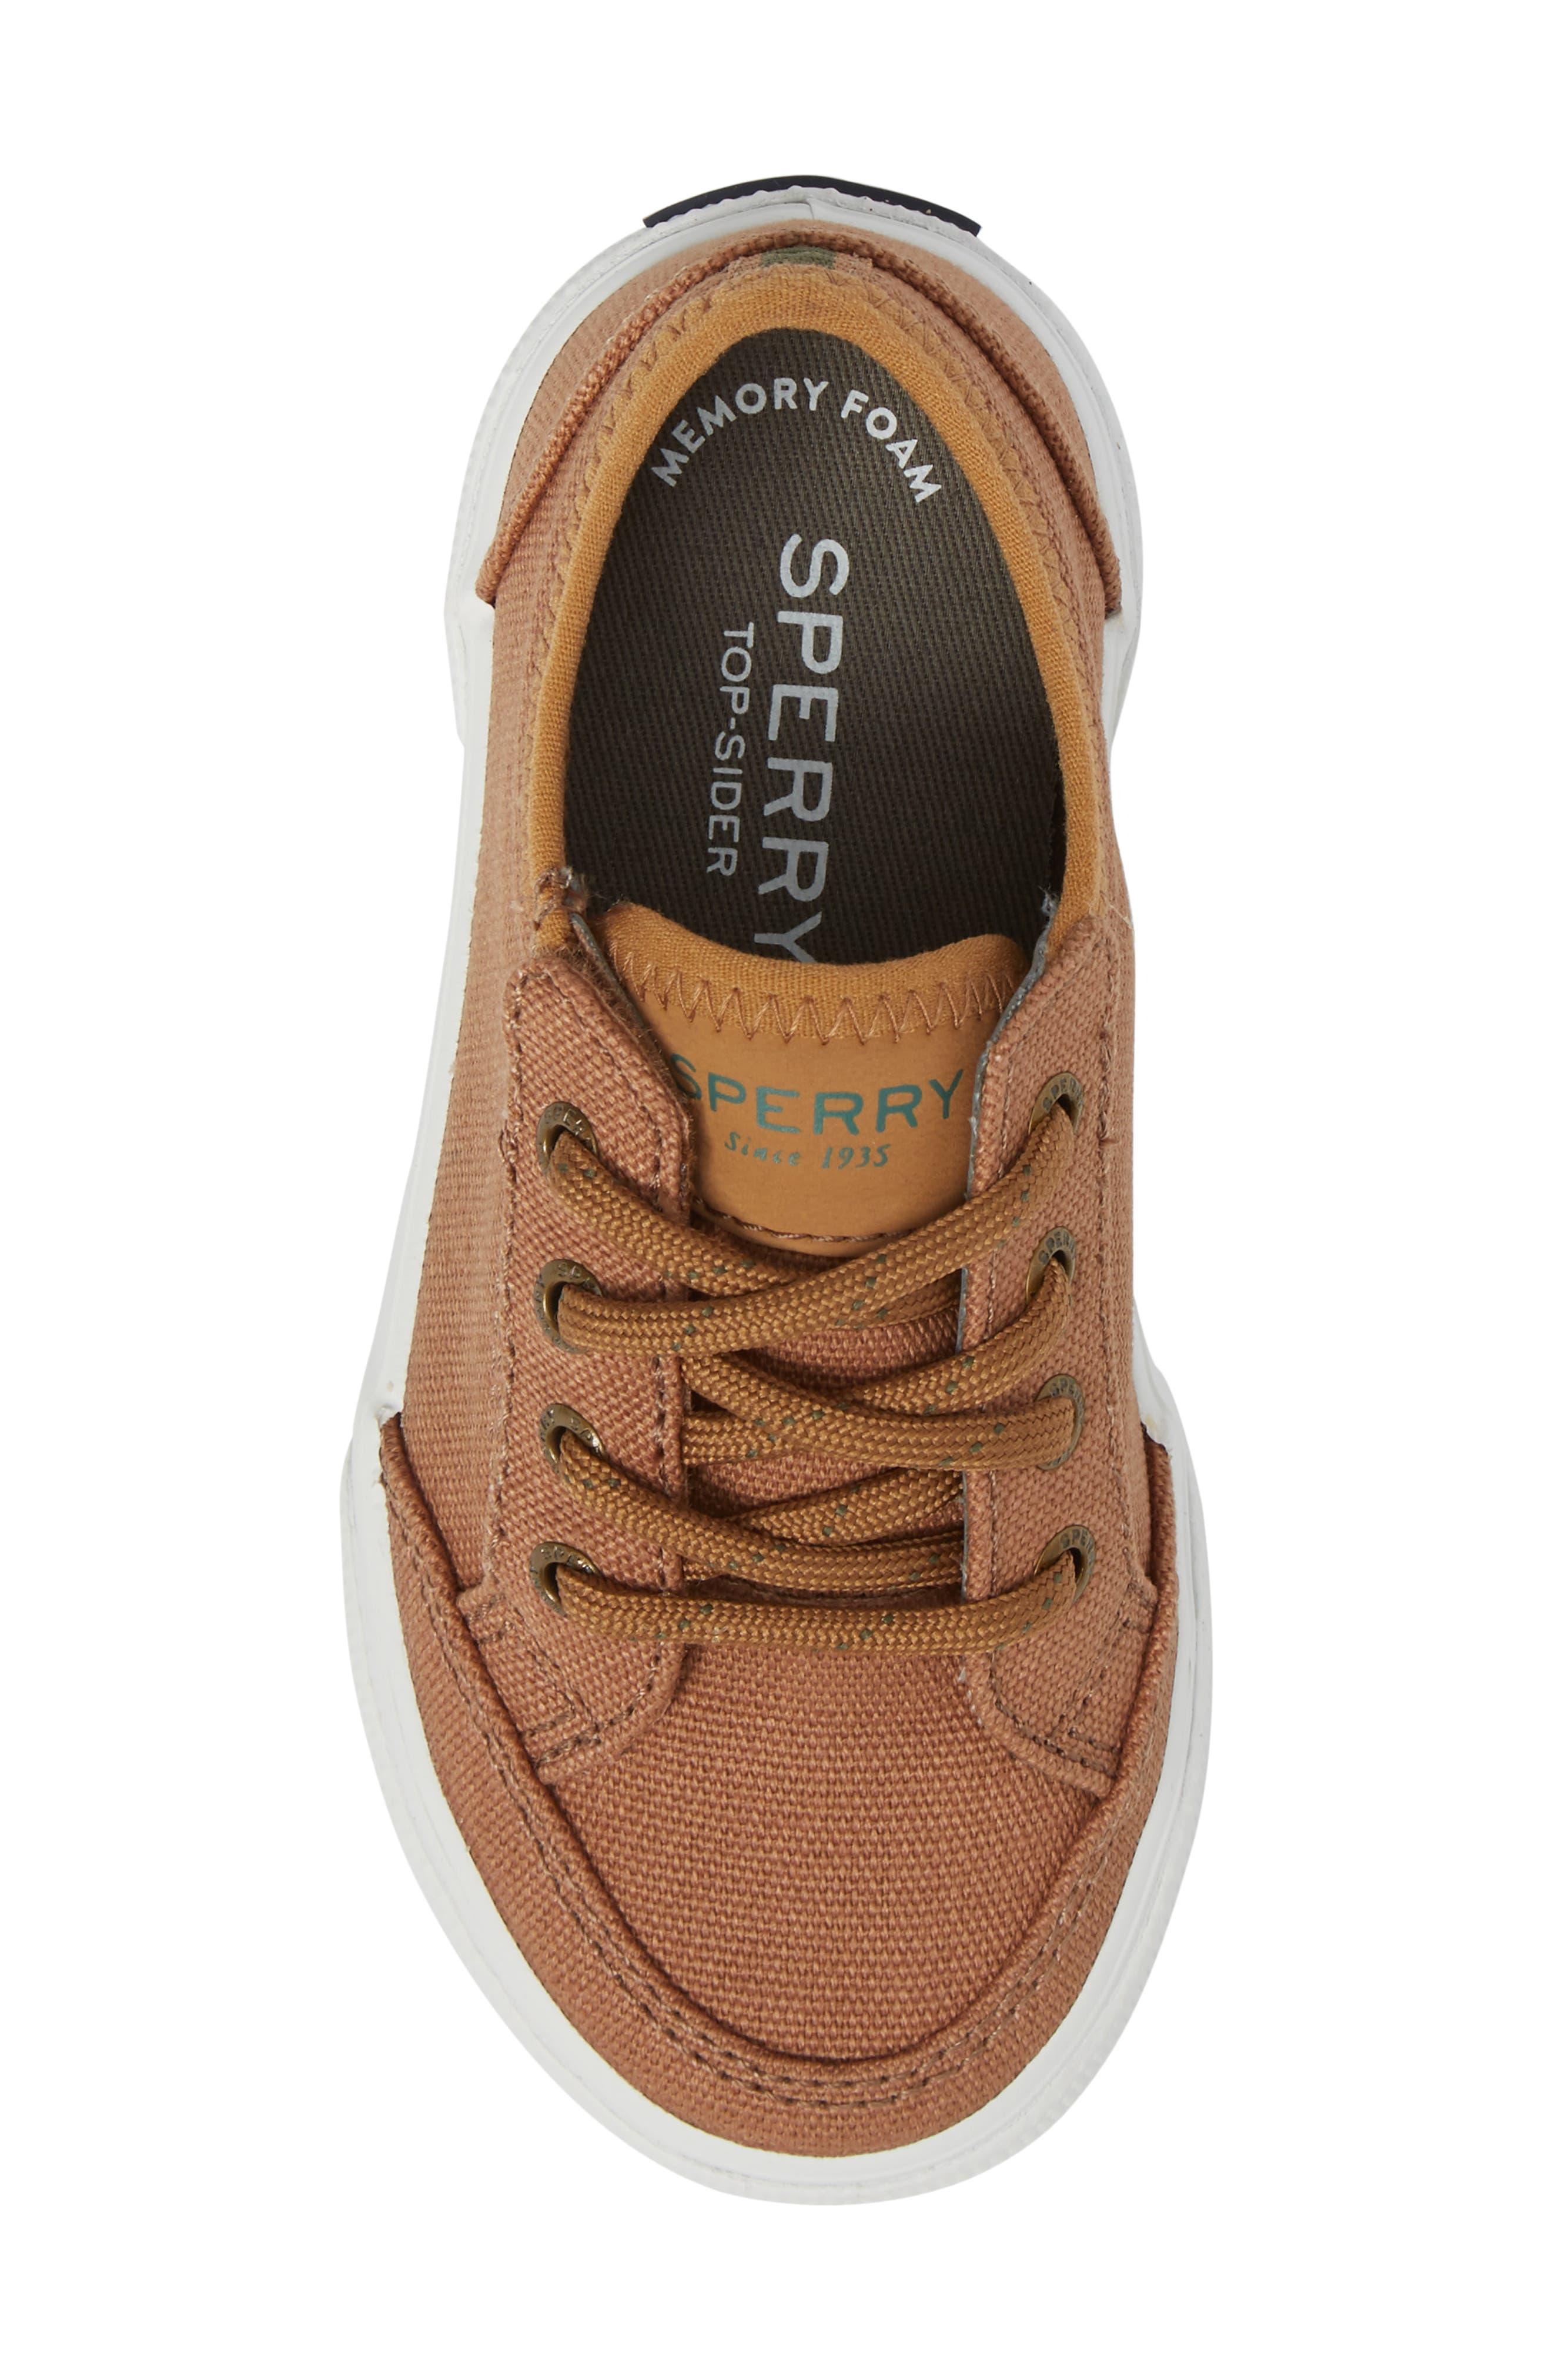 Sperry Deckfin Jr. Sneaker,                             Alternate thumbnail 5, color,